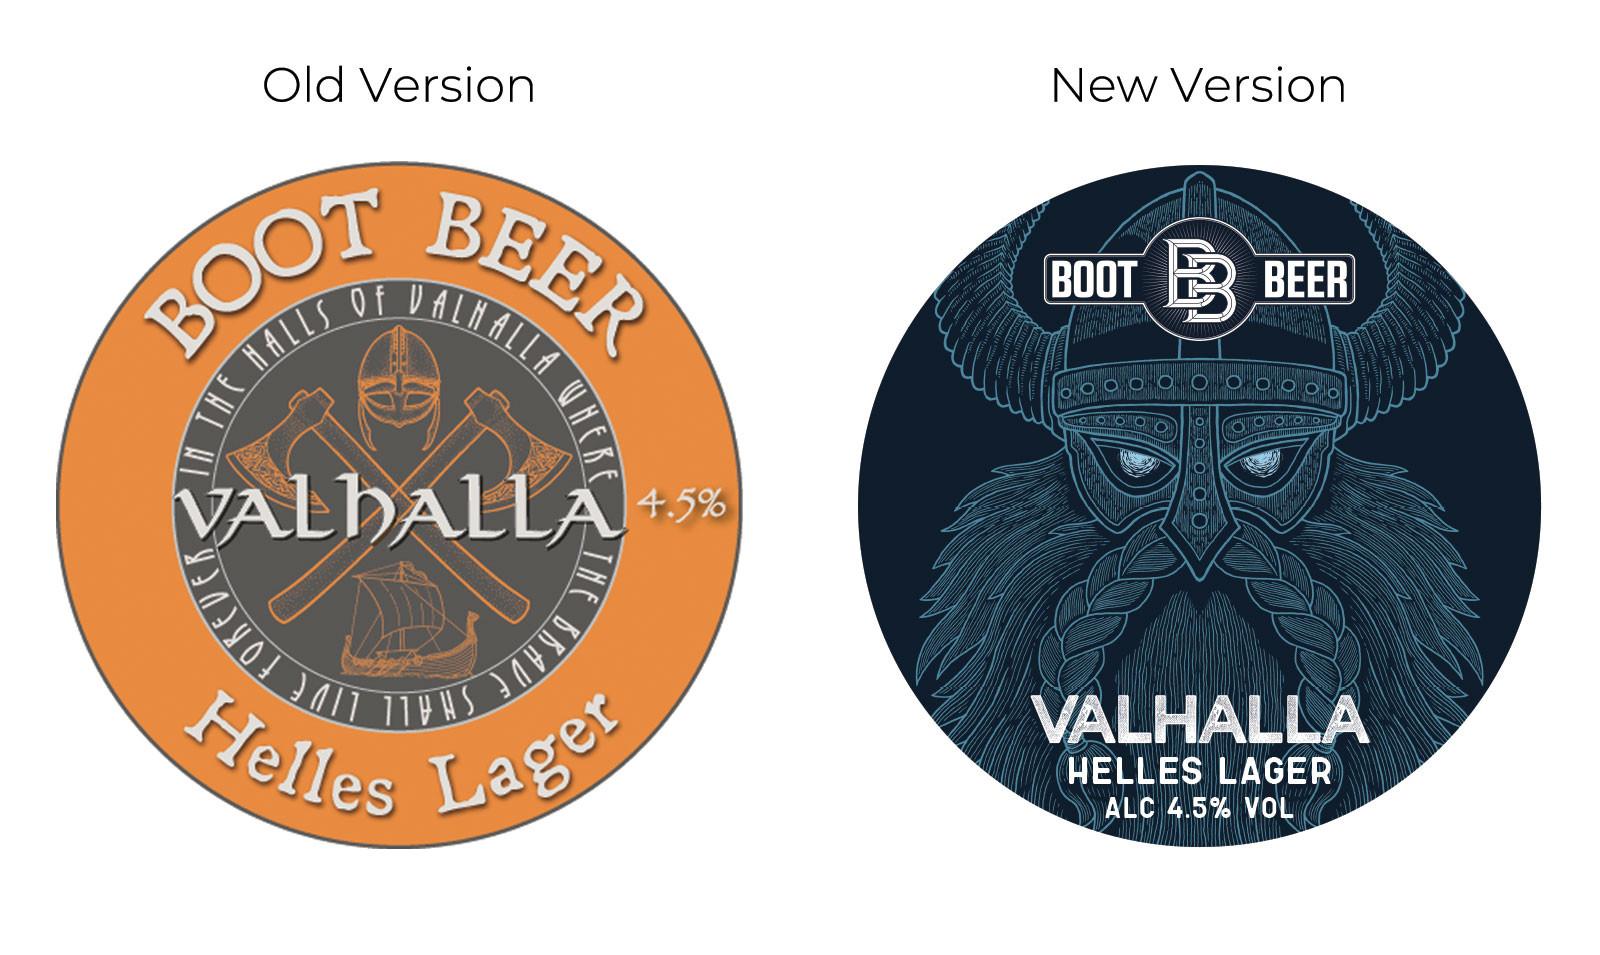 boot-beer-valhalla-beer-font-lens-old-ne